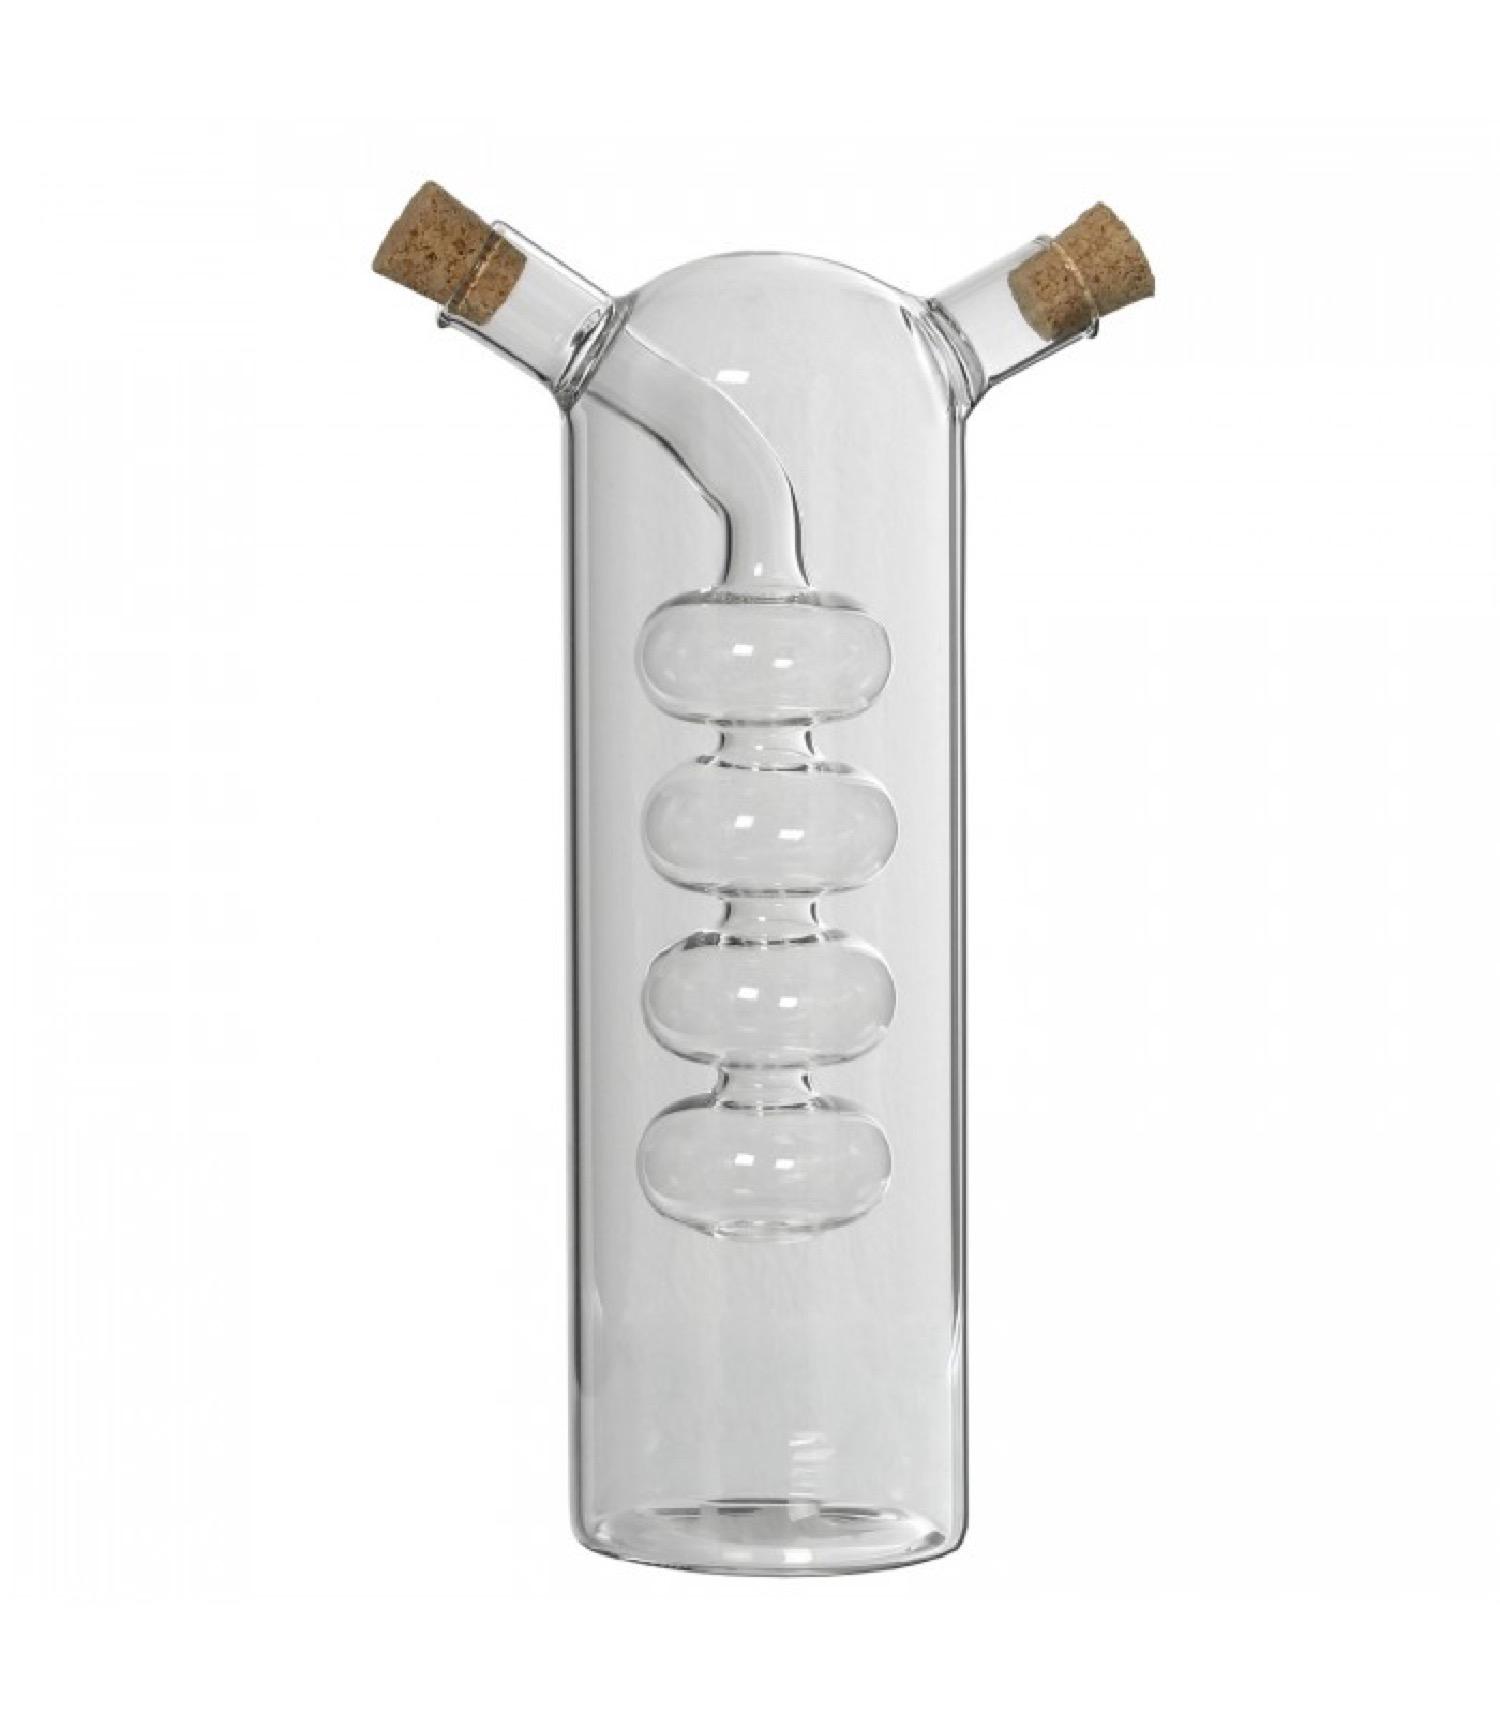 Huilier vinaigrier transparent en verre bouchons en liège